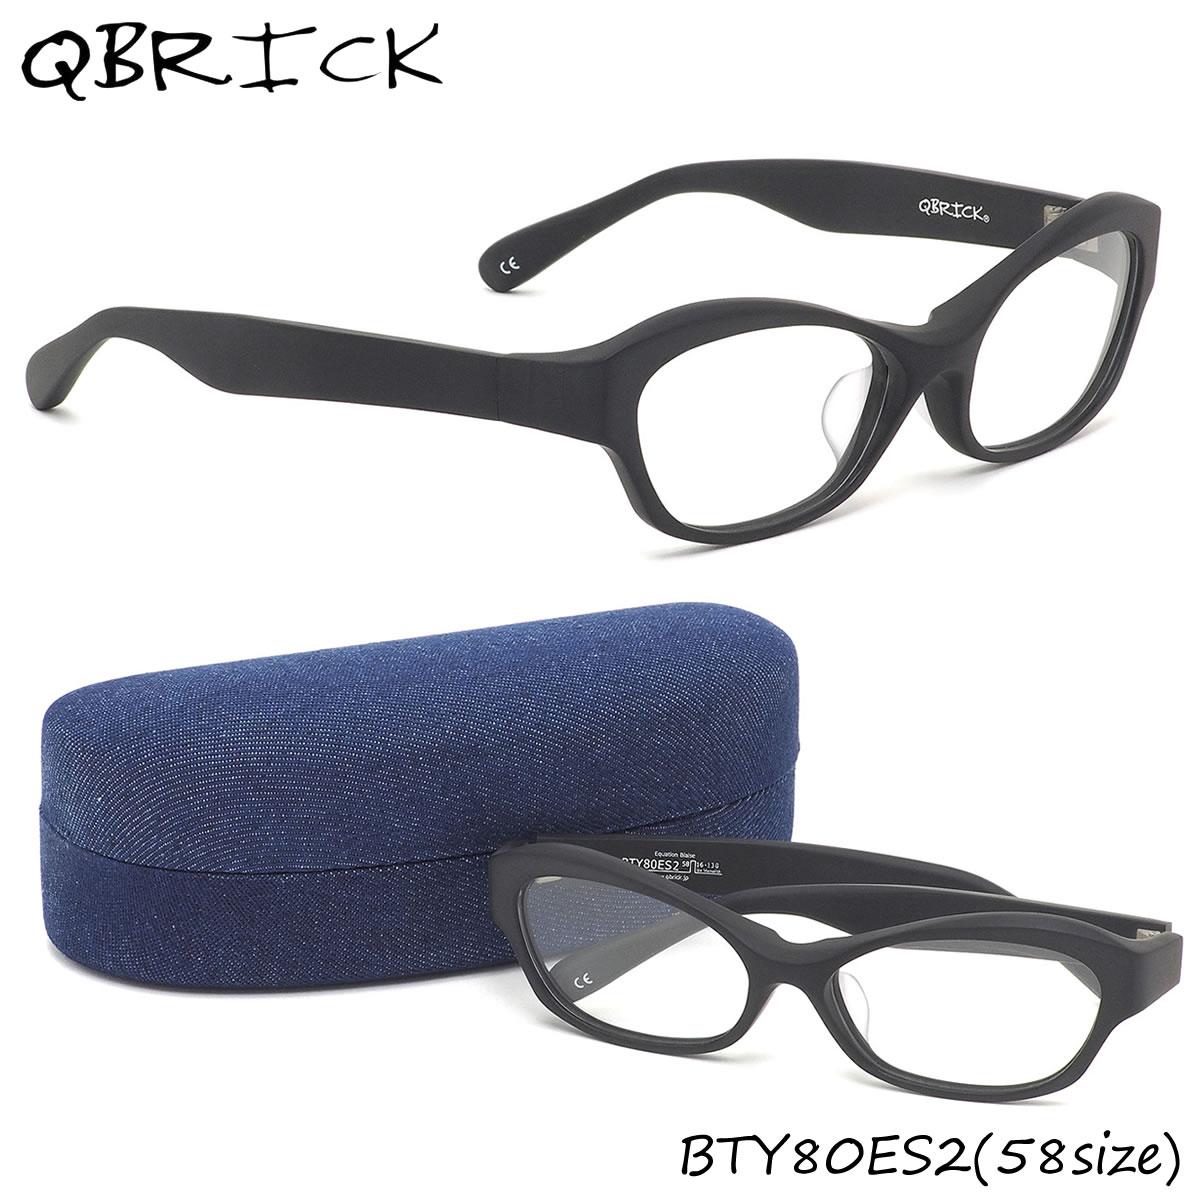 ほぼ全品ポイント15倍~最大43倍+3倍!お得なクーポンも! キューブリック QBRICK メガネBTY80ES 2 58サイズBLAISE ブレーズ フォックス 黒縁メガネ メンズ レディース